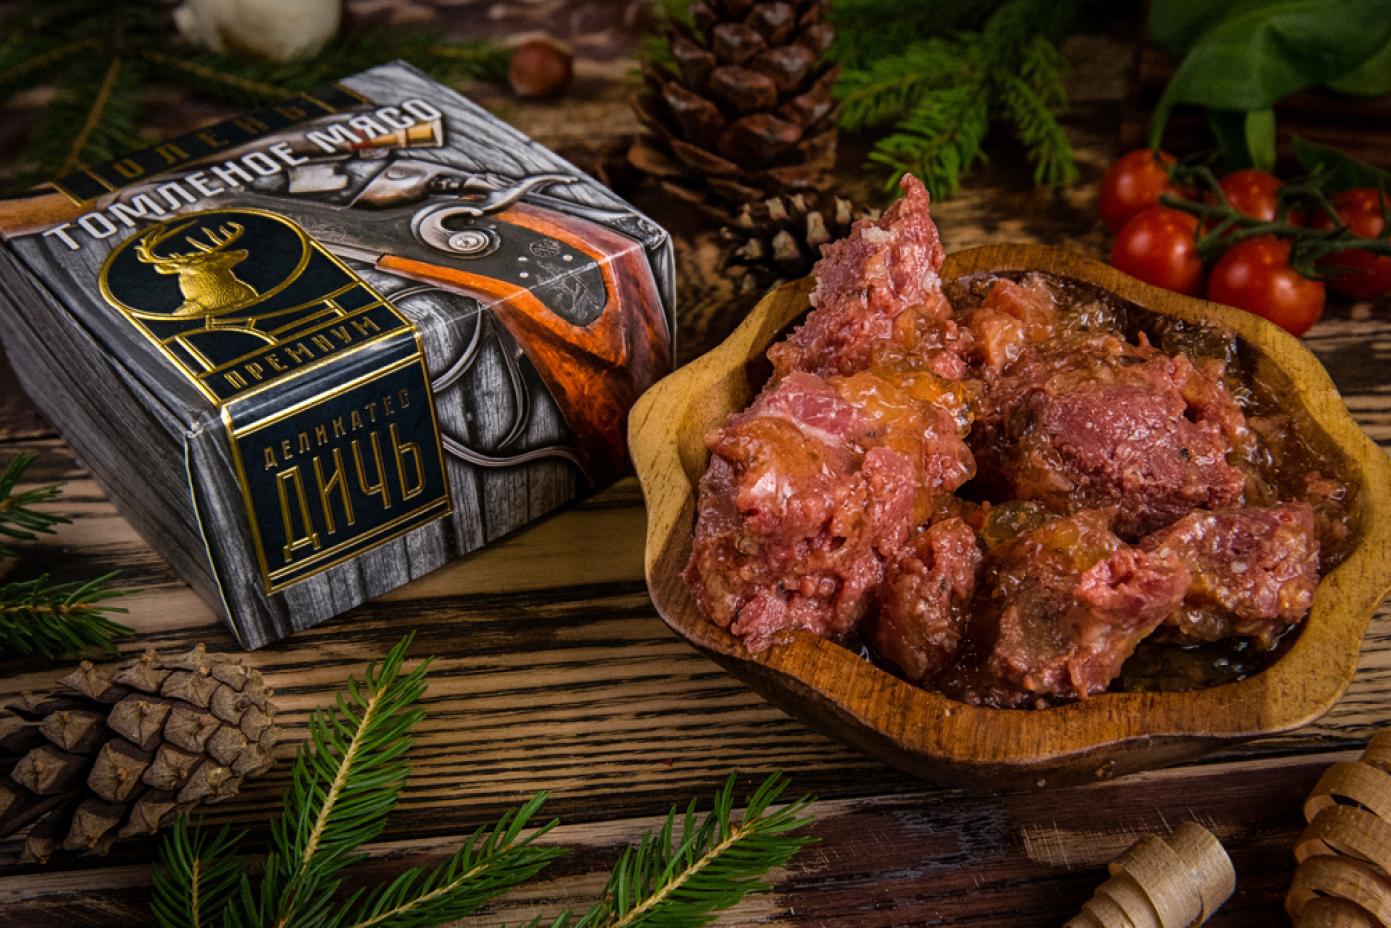 Томленое мясо Оленя в подарочной упаковке премиум